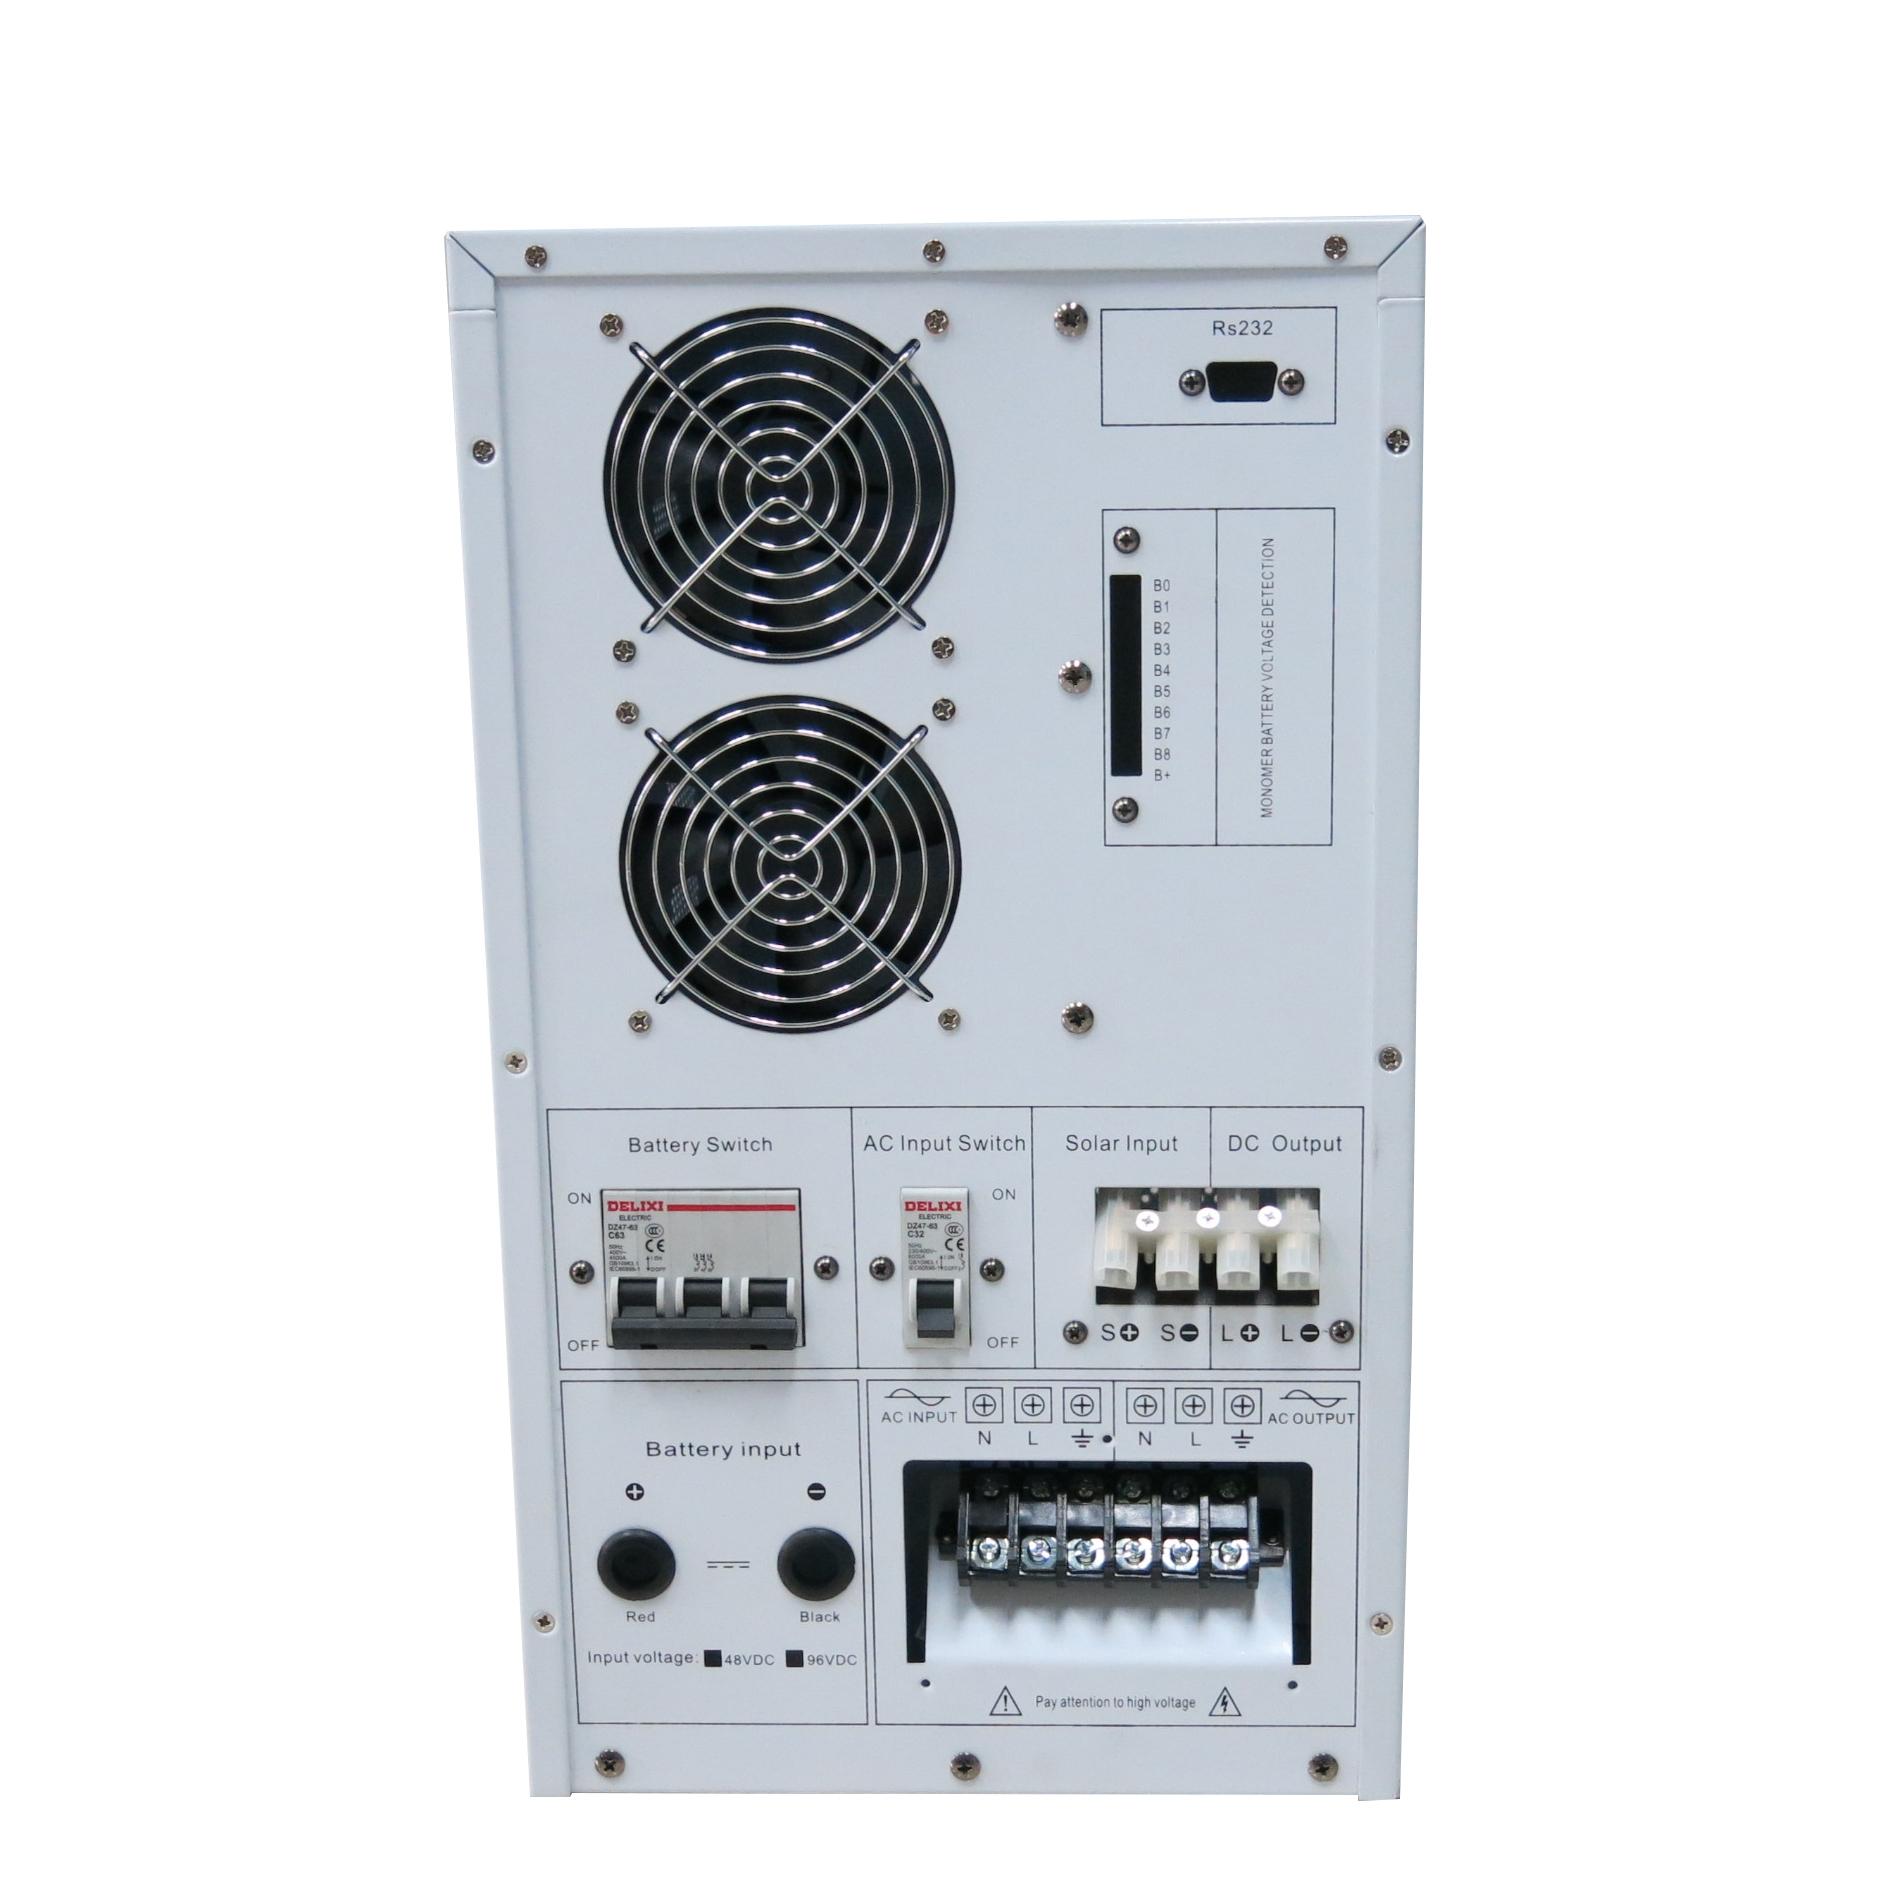 dc 48v bis 220v ac 230v 240v 4kw einphasig und off grid dc ac wechselrichter mit integriertem. Black Bedroom Furniture Sets. Home Design Ideas